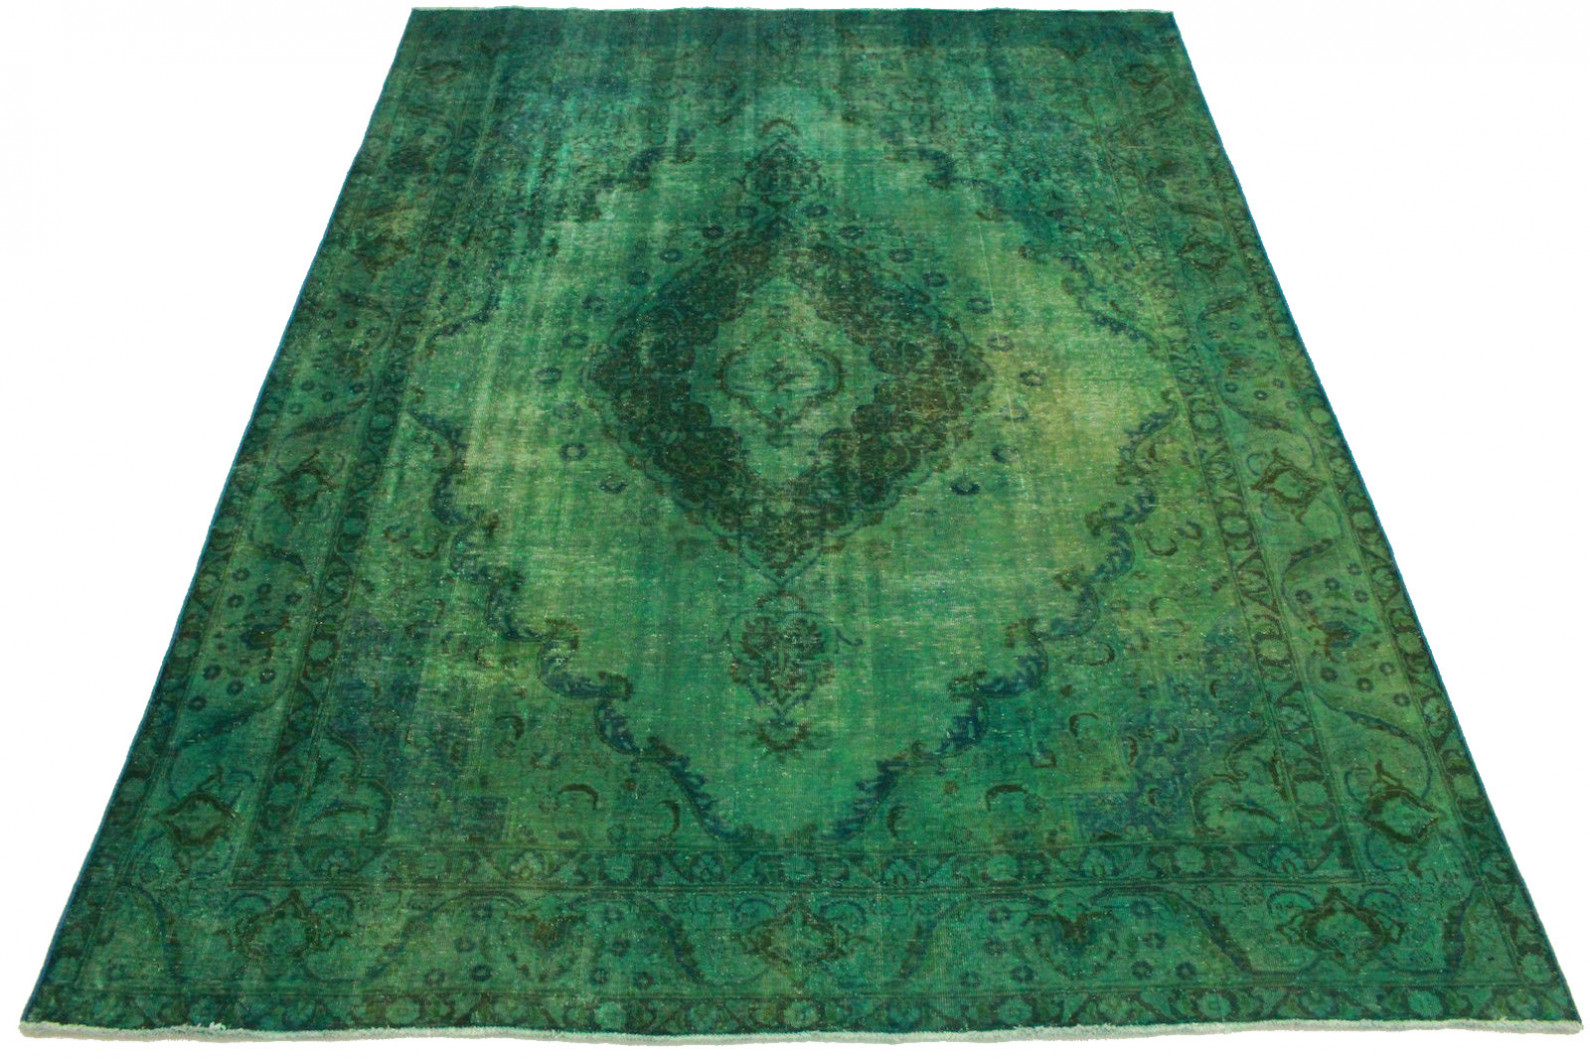 Vintage Teppich Grün in 380x280cm